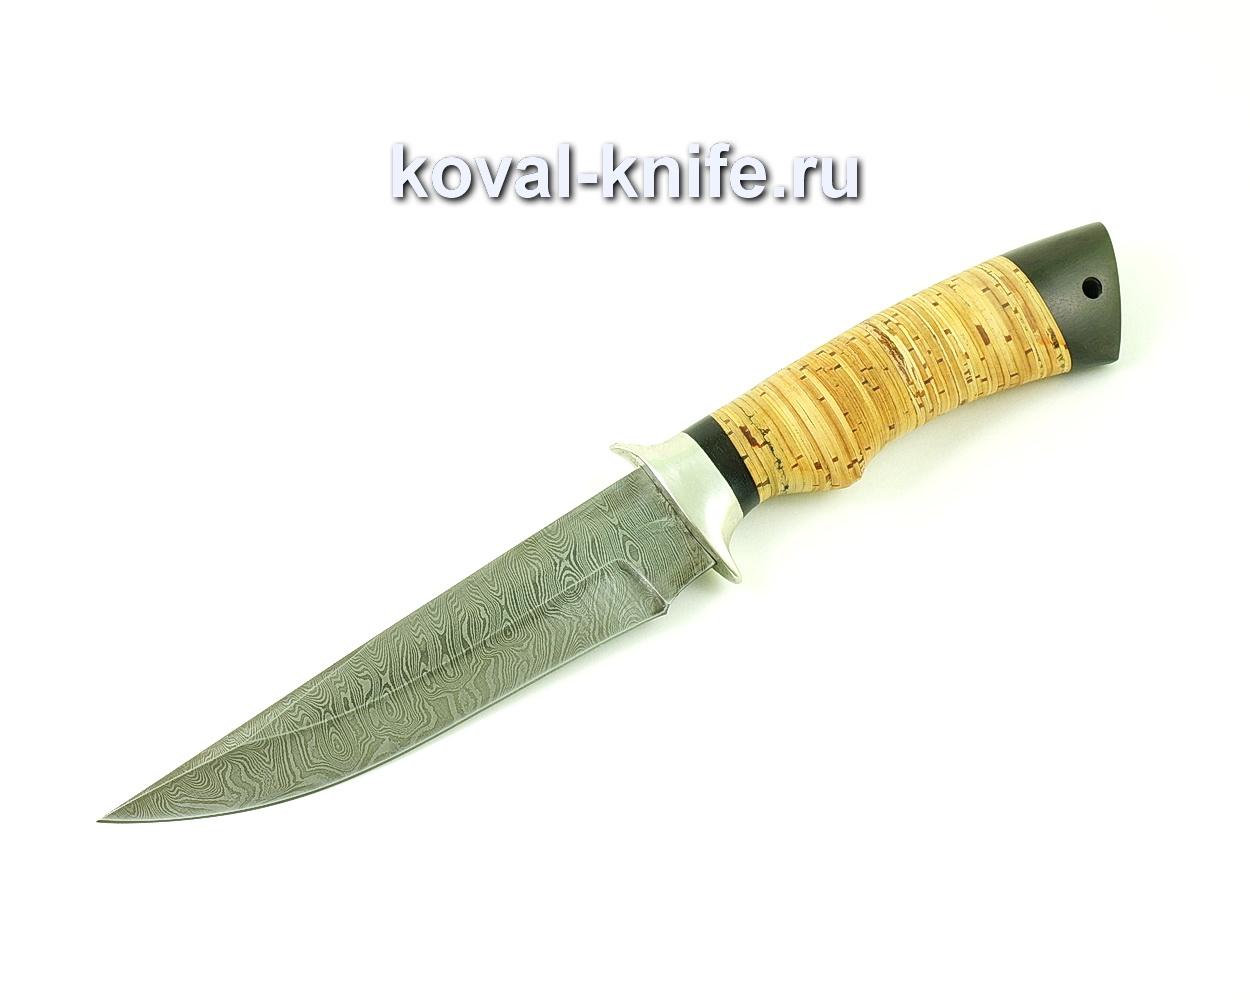 Нож из дамасской стали Лис (рукоять береста и граб) A490